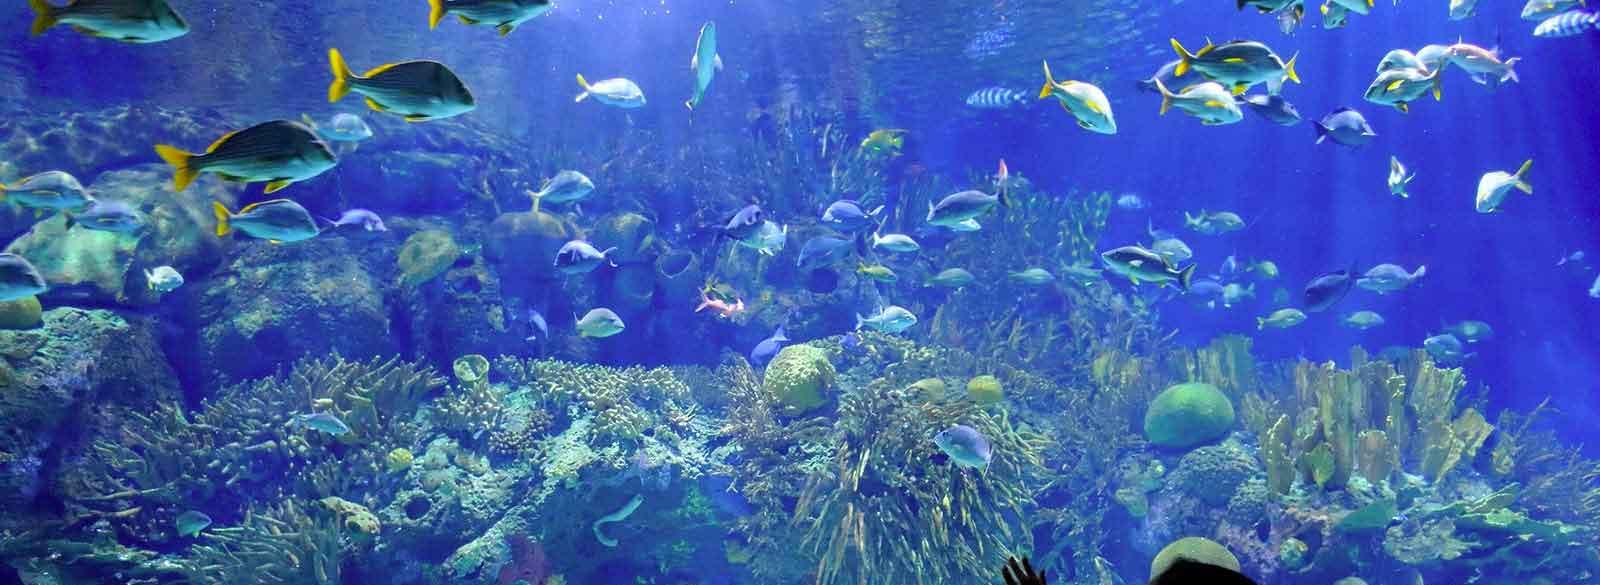 AquaSquale